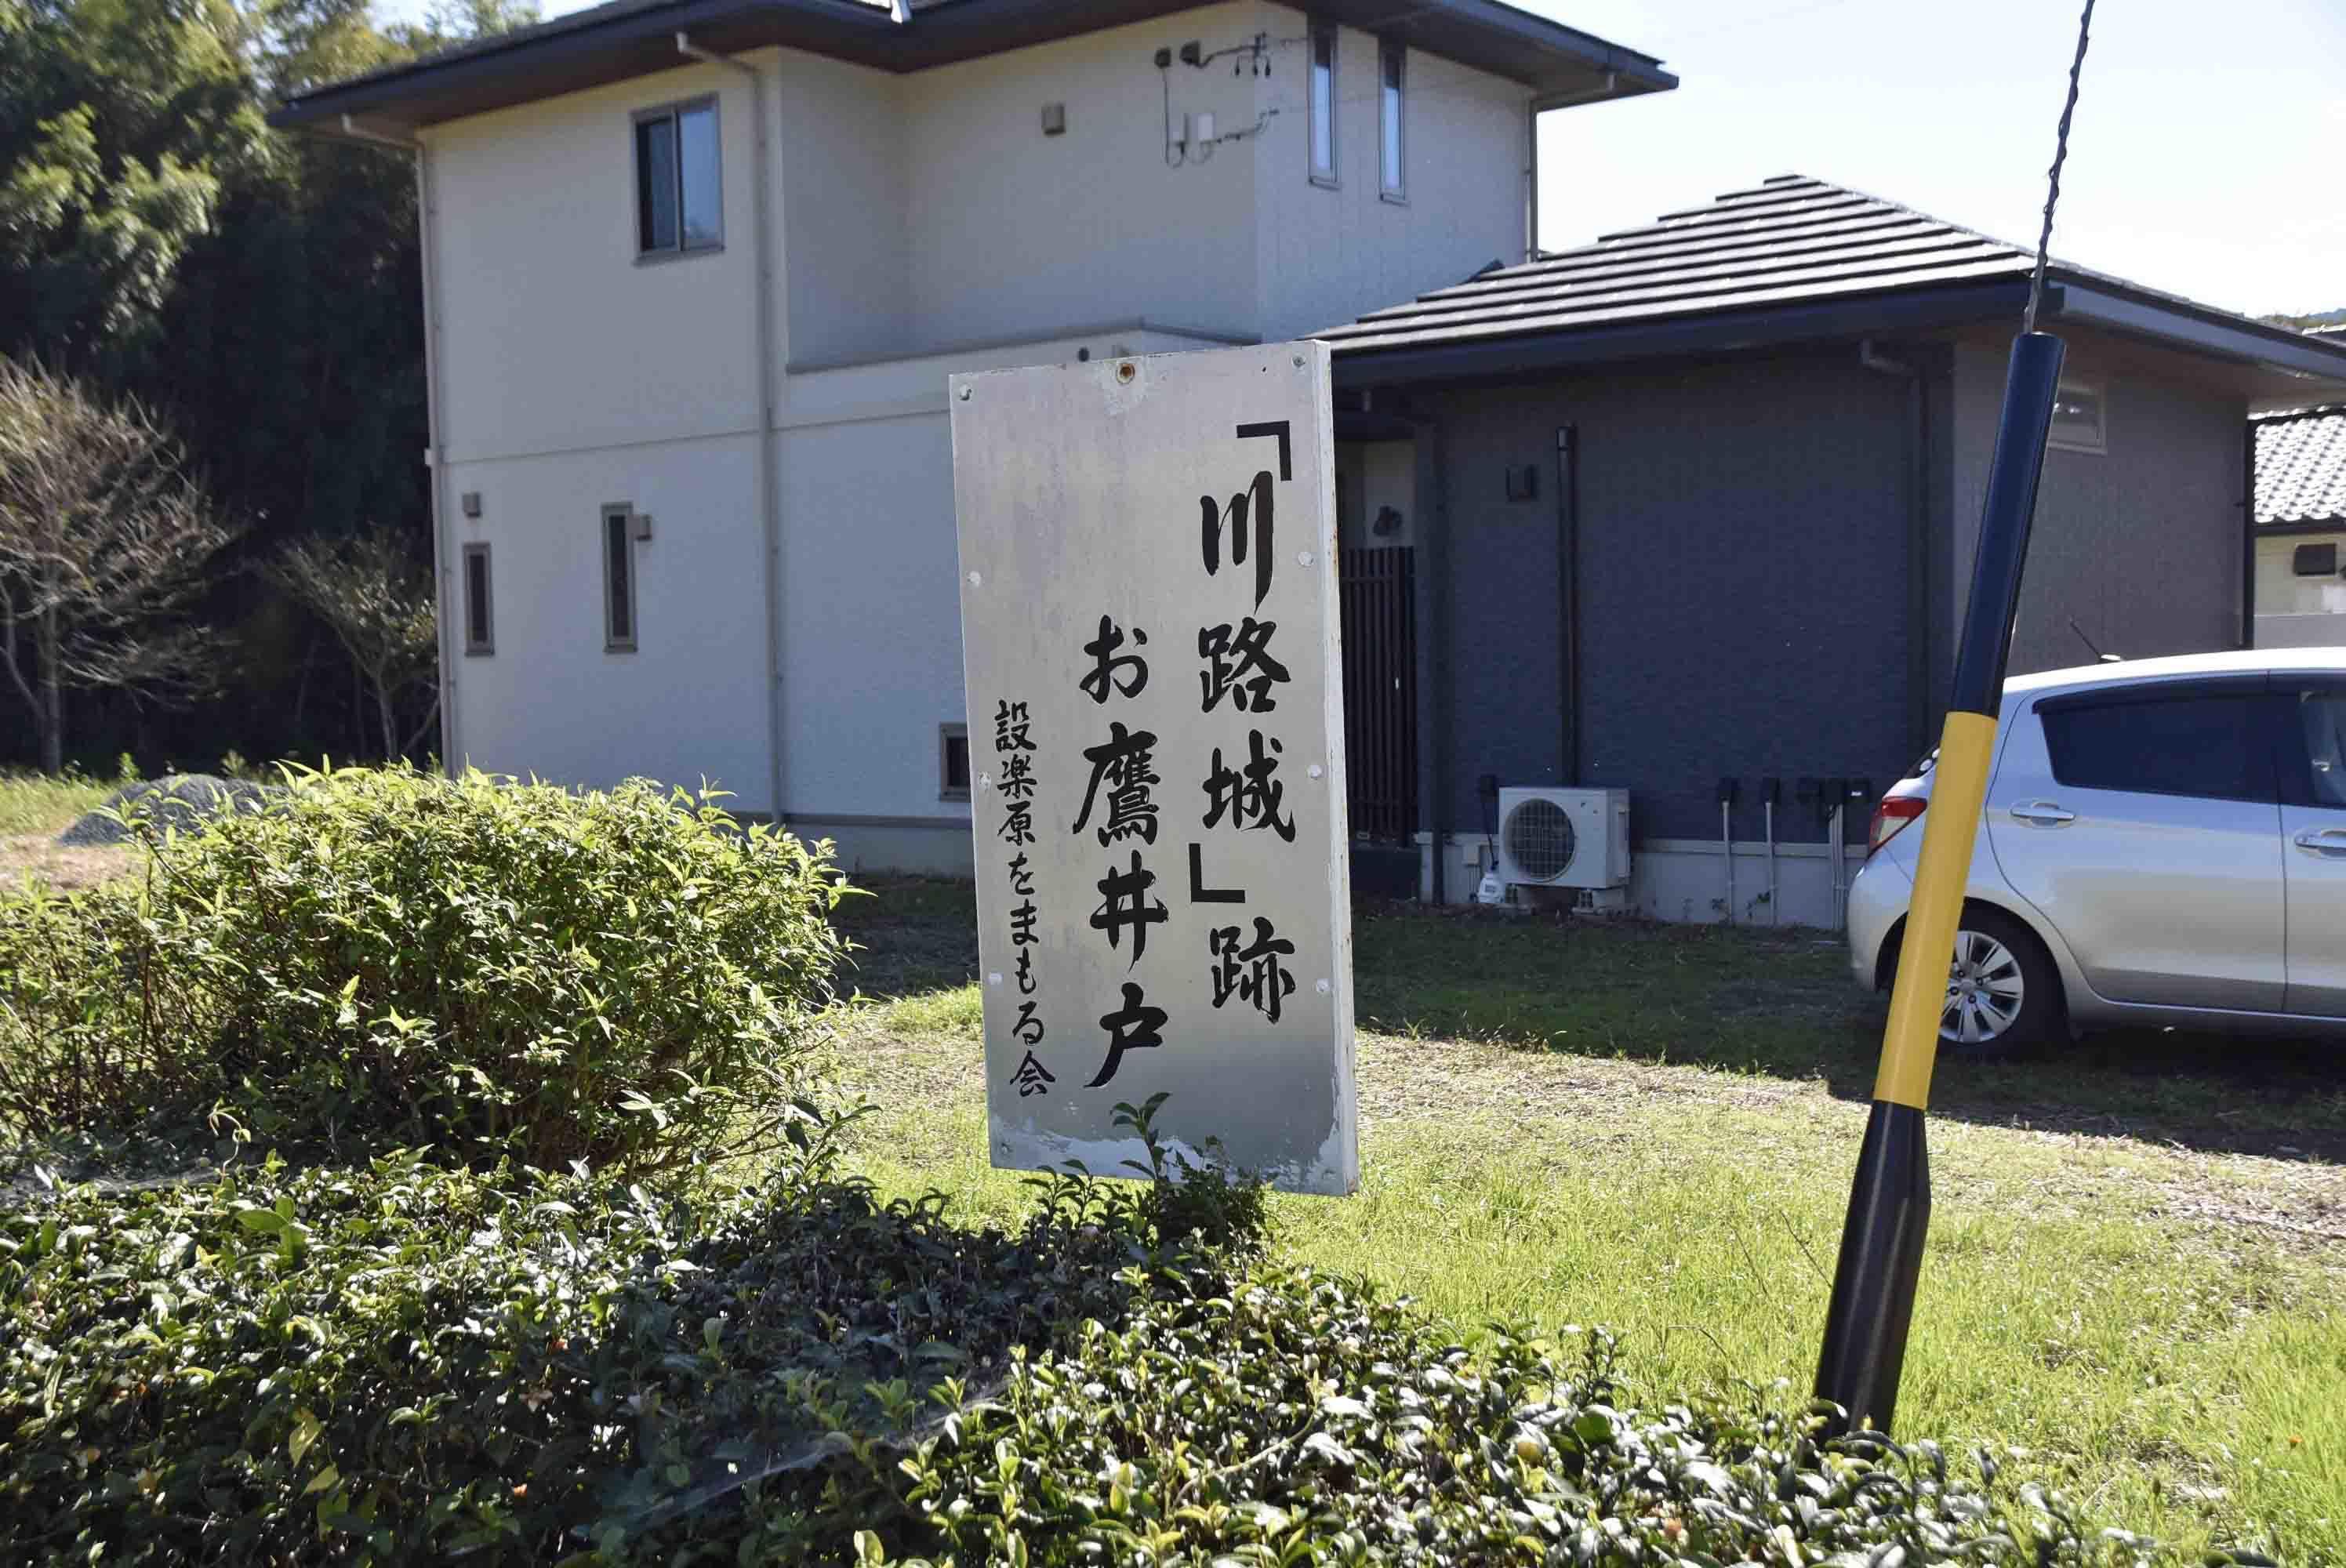 お鷹井戸の看板が有るが・・・・住宅の裏側に有り、道も無く???何処??